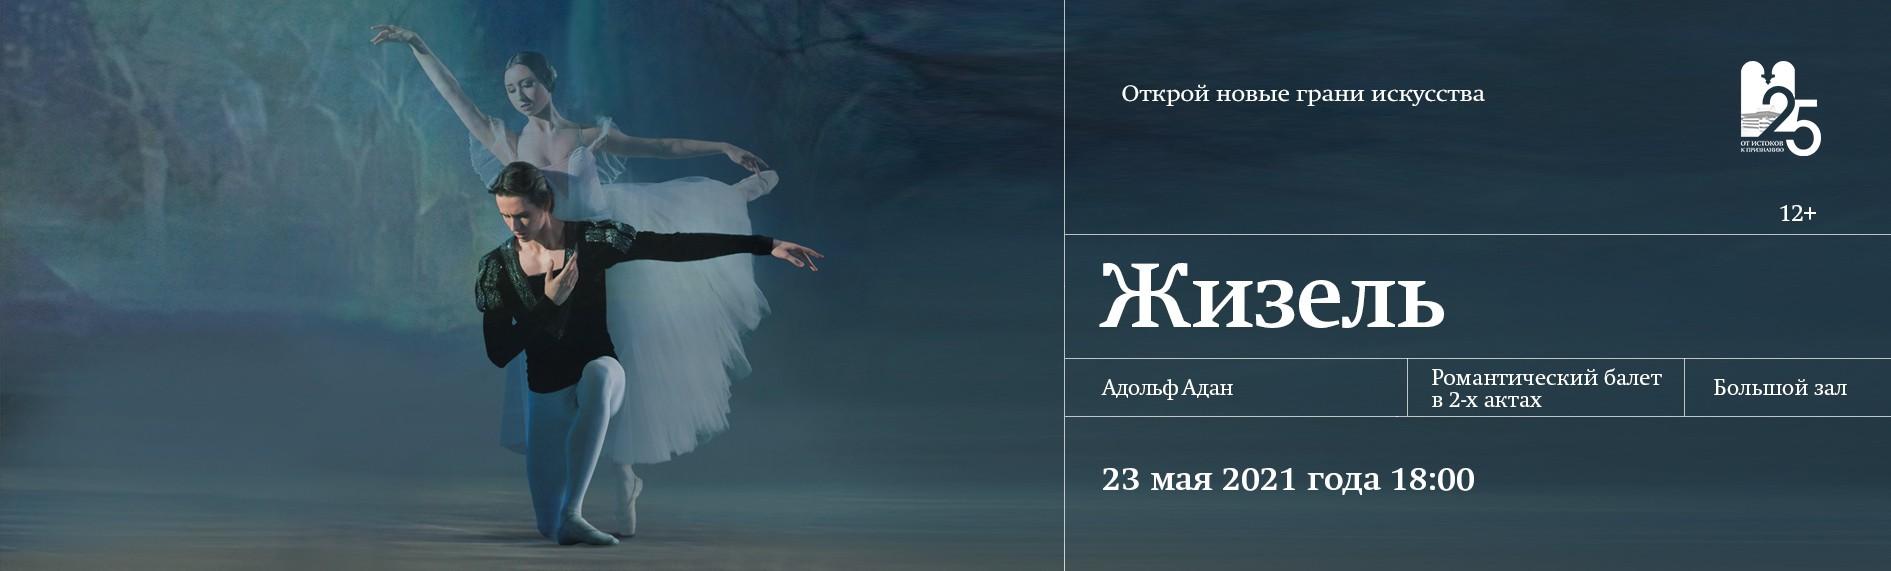 """Балет """"Жизель""""_23.05.21"""